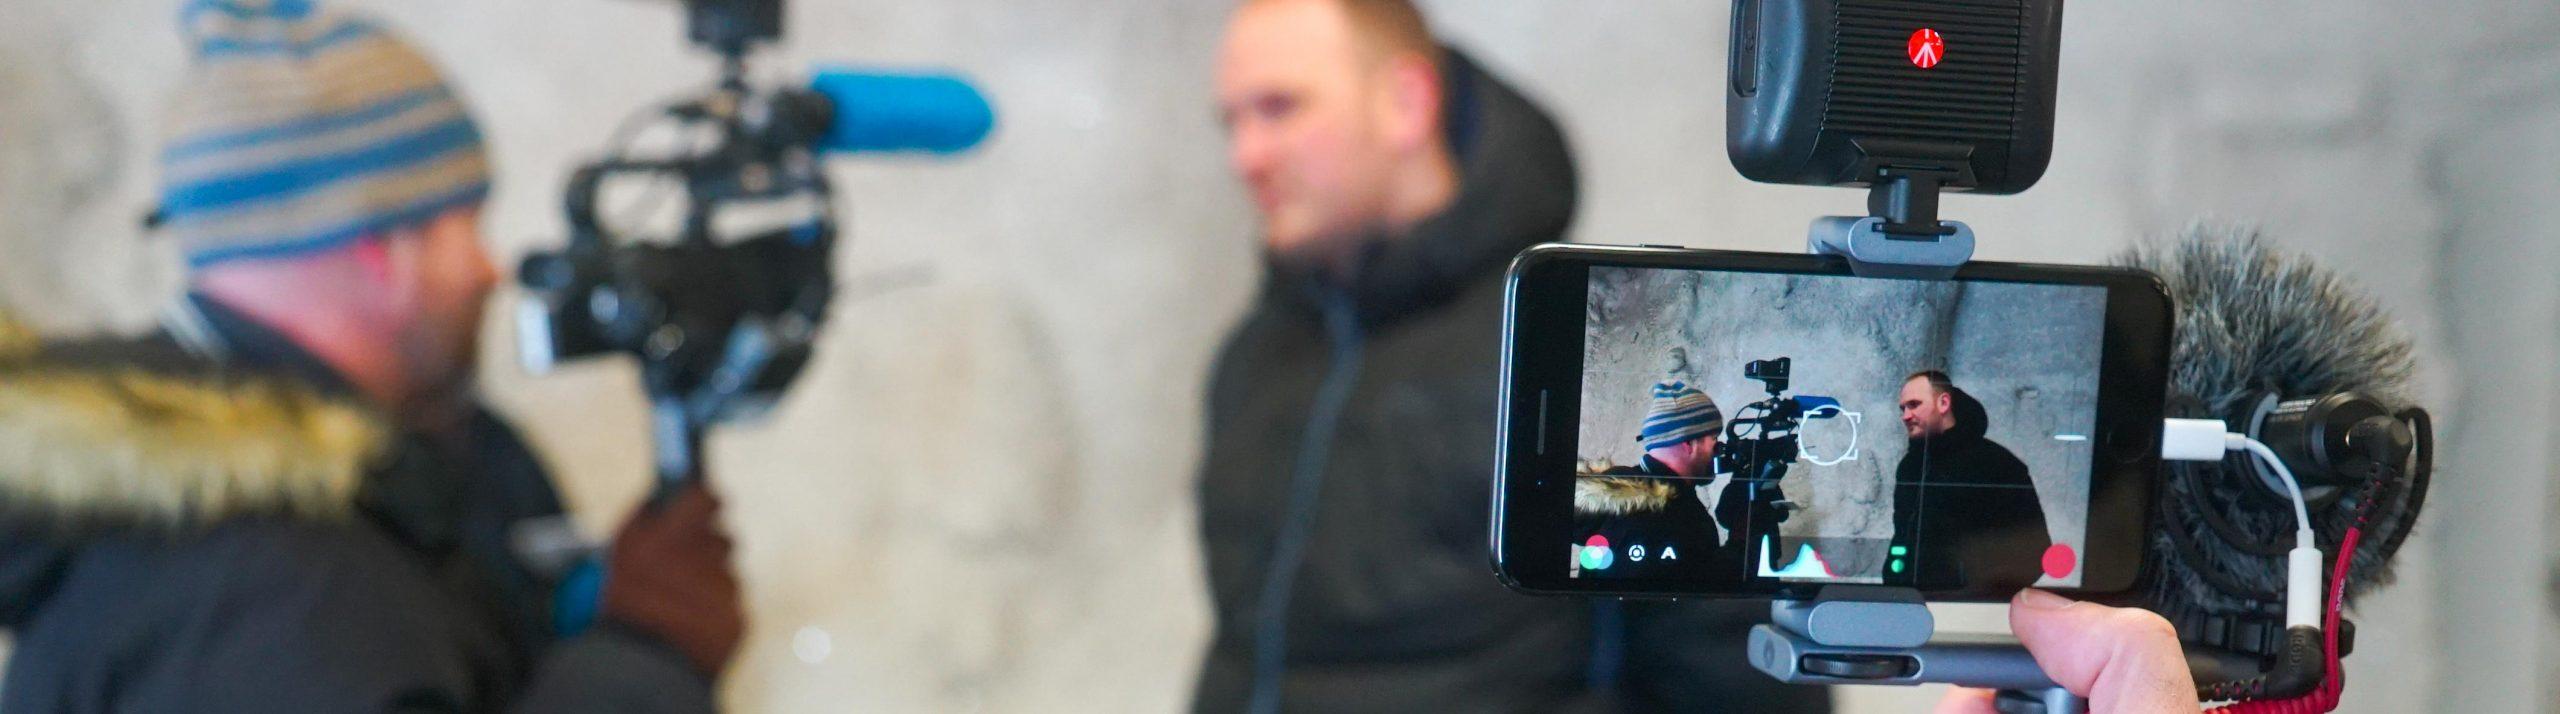 En mobilkamera med mikrofon filmar en man som intervjuas av en annan man med kamera